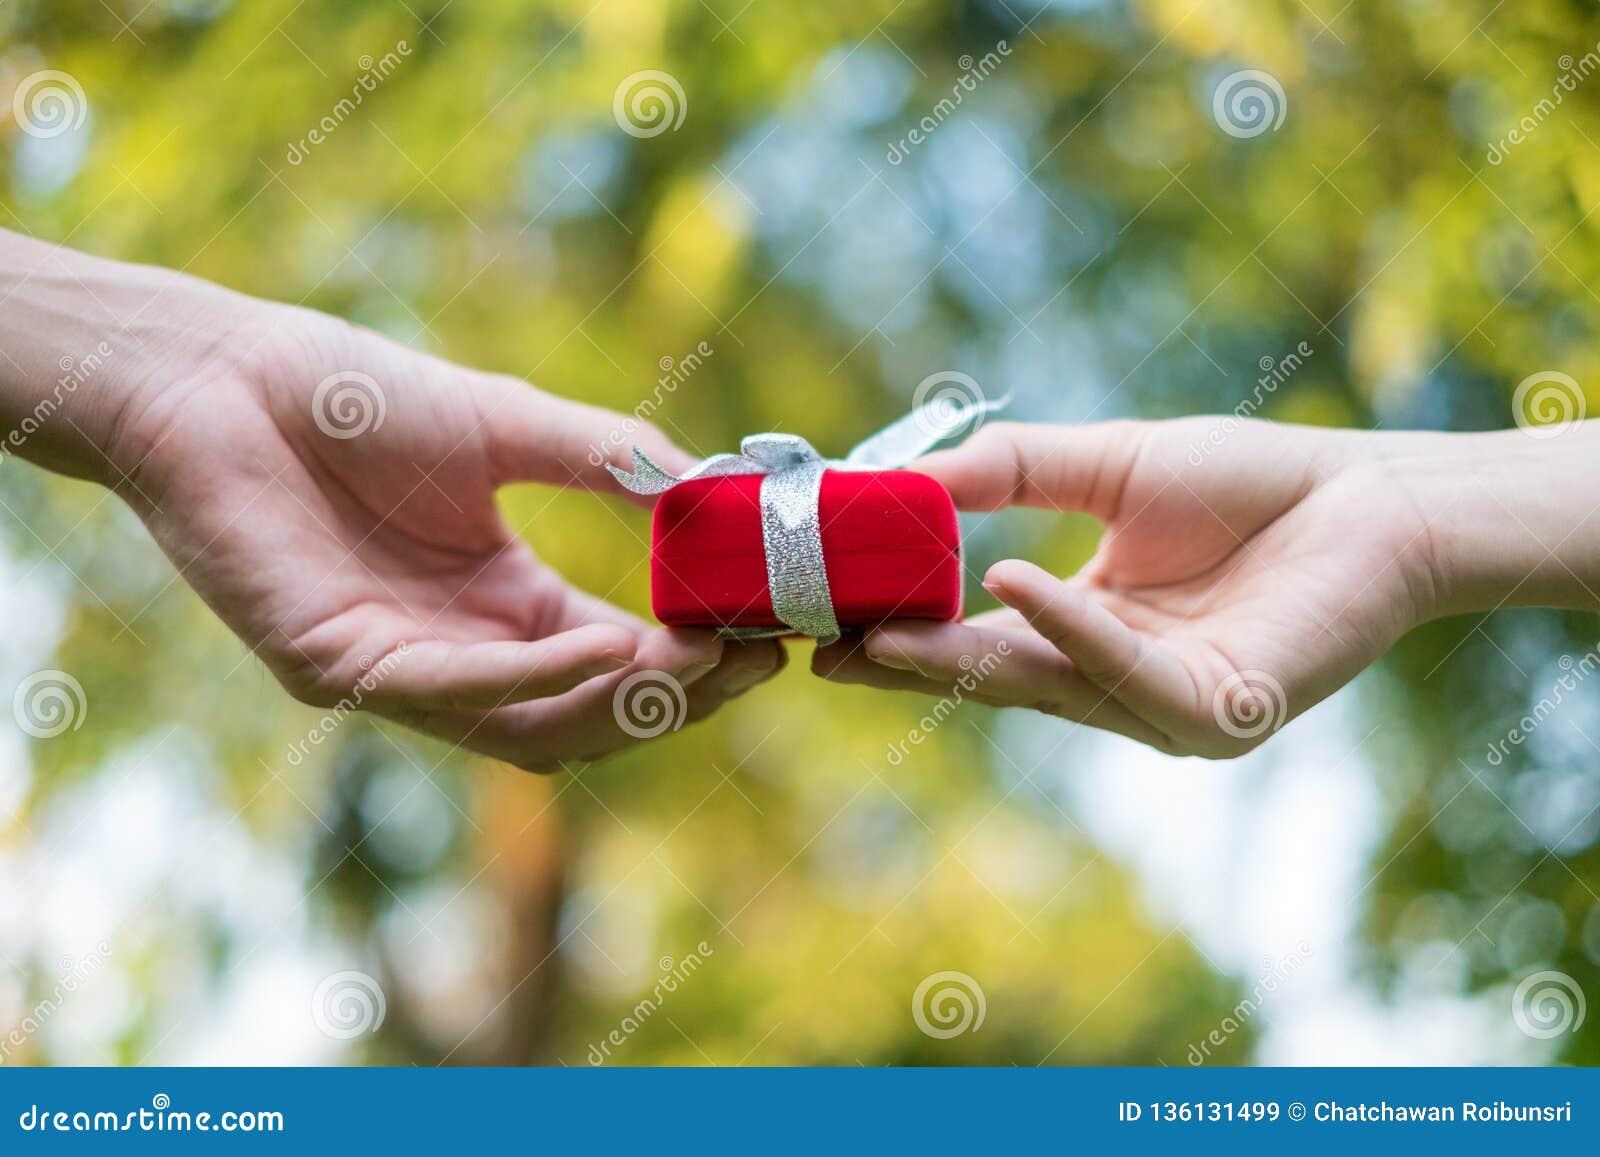 Dando a caixa de presente vermelha dentro com mãos em dias especiais para a pessoa especial, no fundo da grama Caixa da aliança d